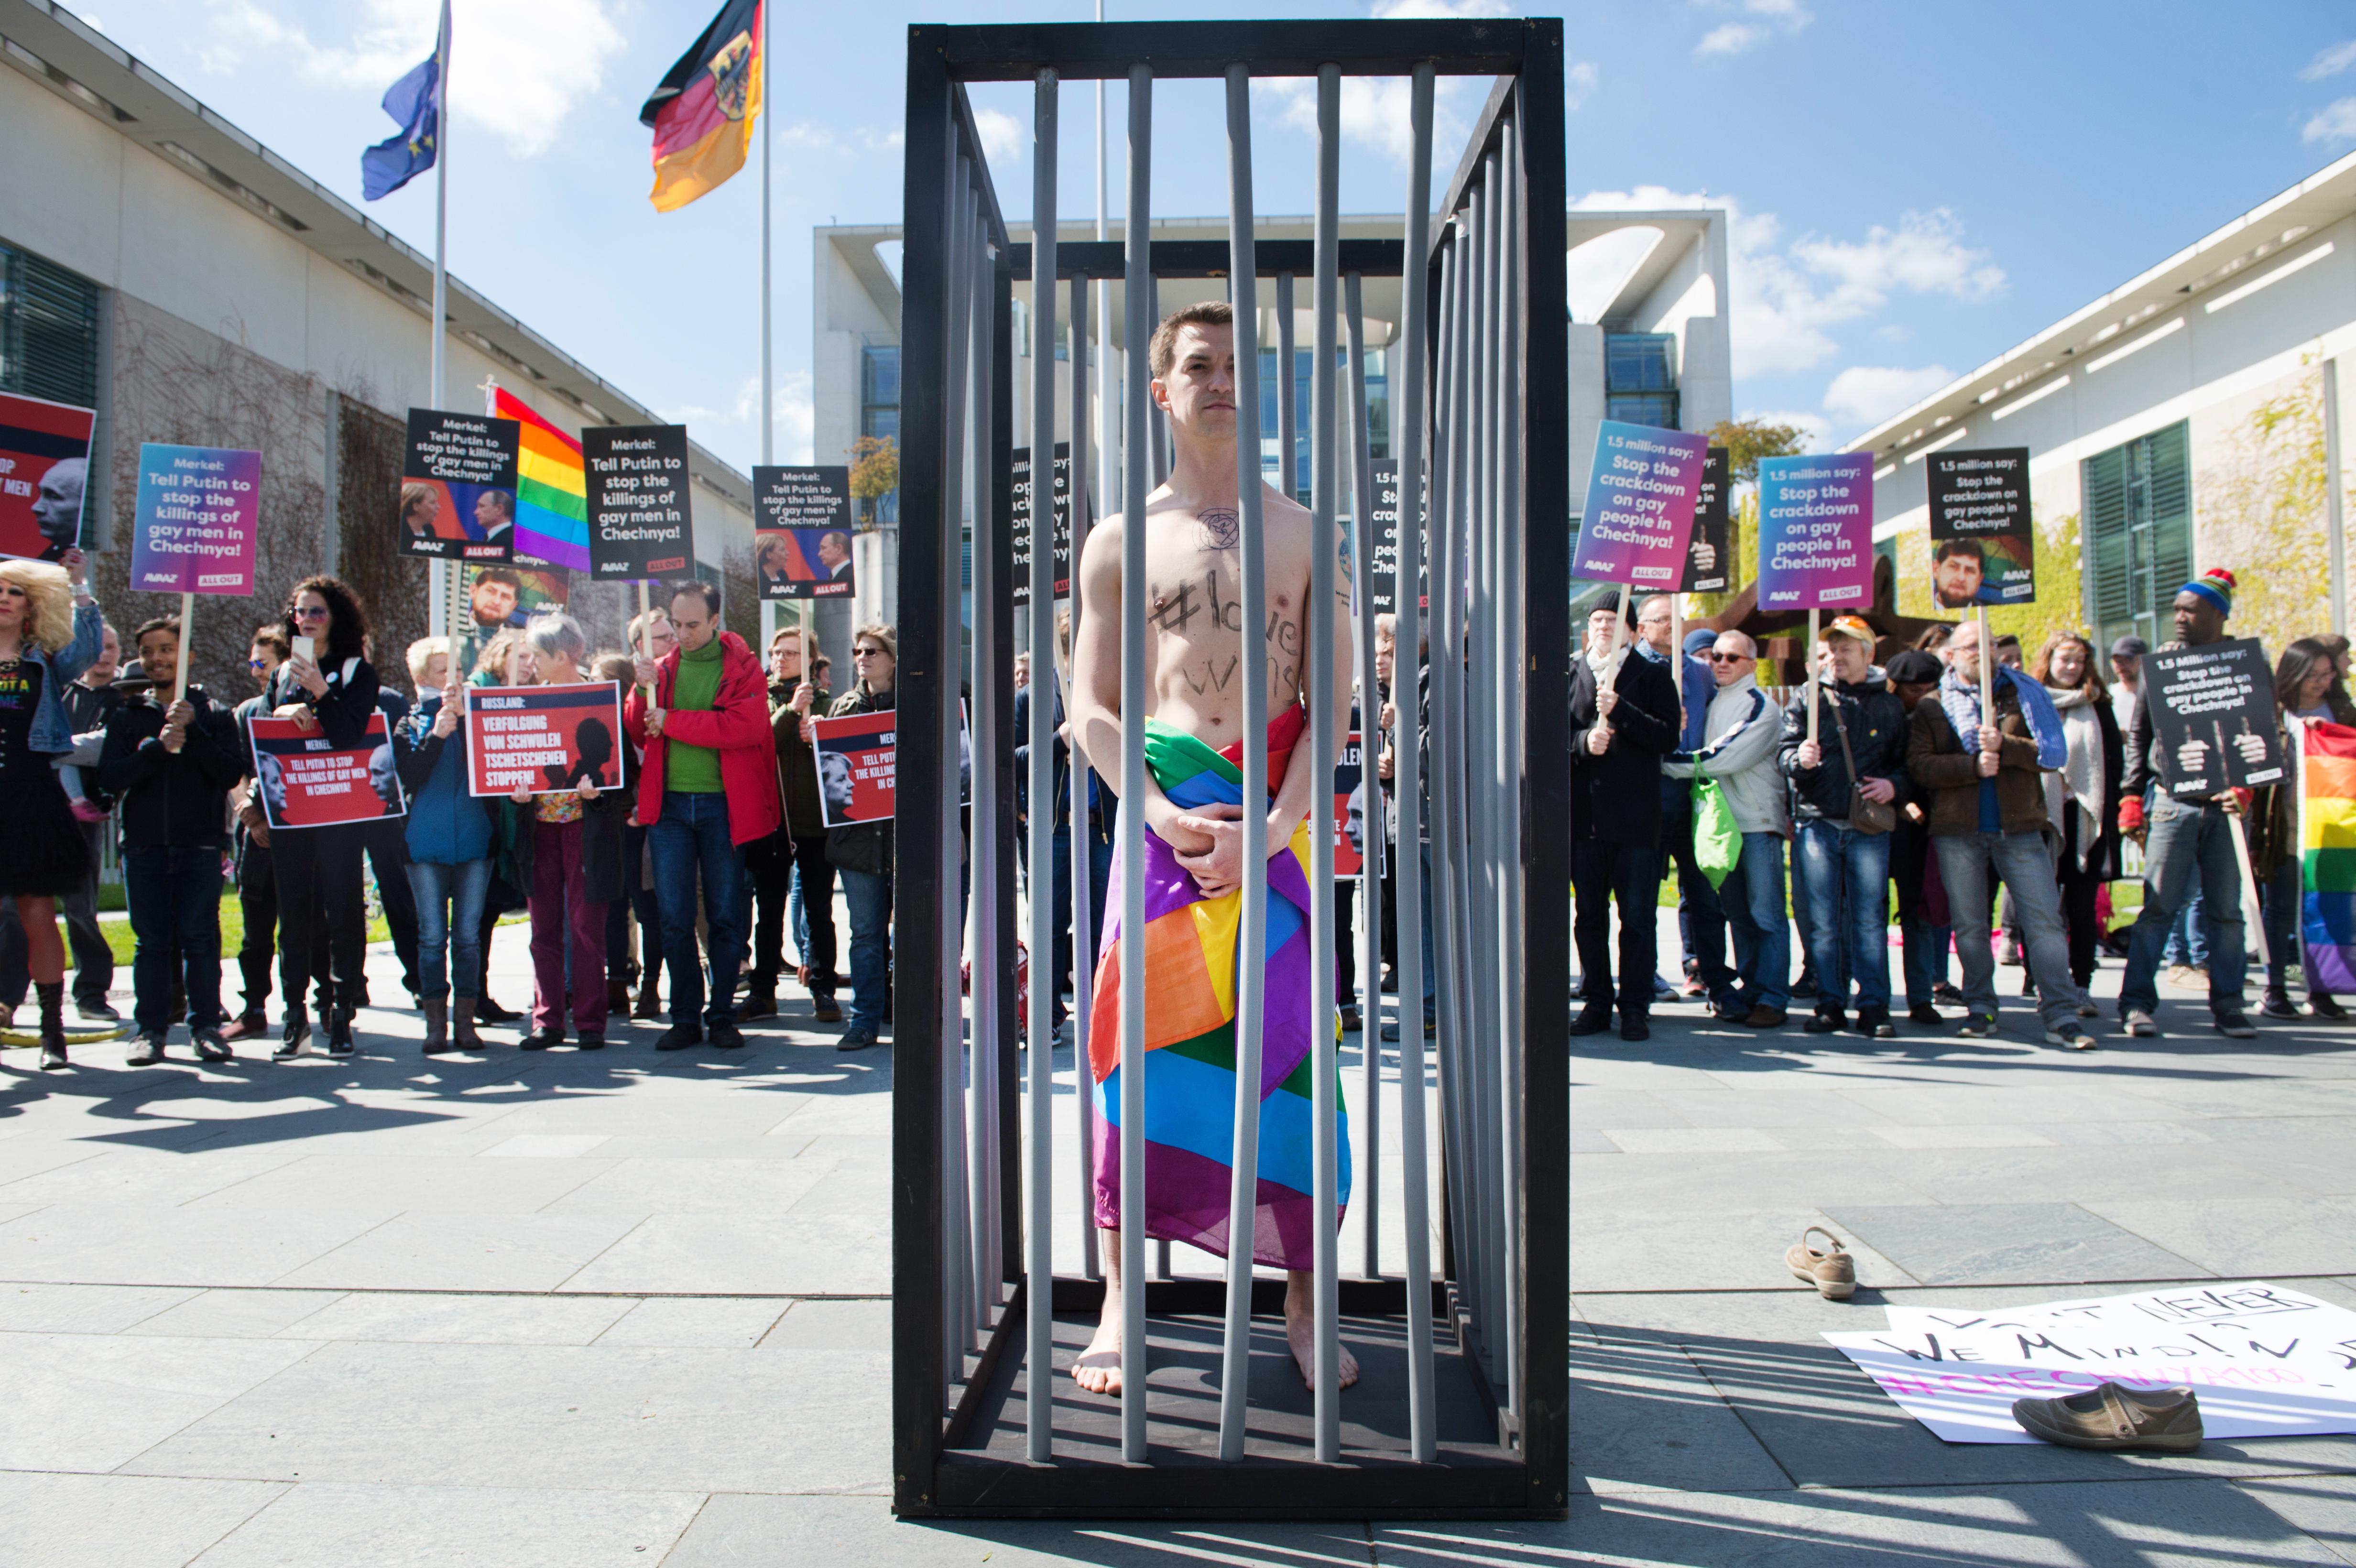 Melegek ellen elkövetett népirtással vádolták meg Csecsenföld vezérét